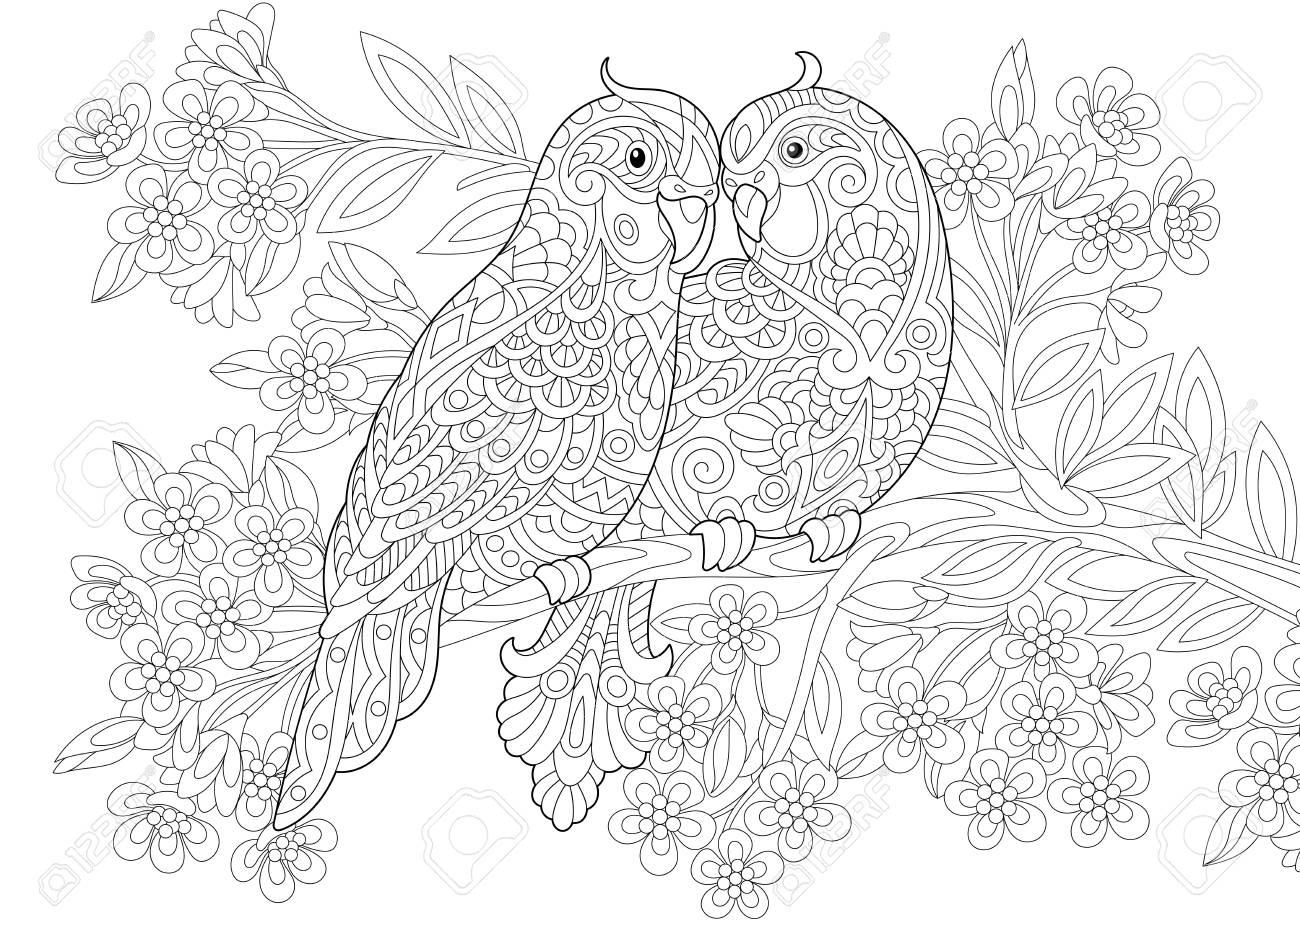 Coloriage Adulte A Imprimer Amour.Coloriage De Deux Perroquets En Amour Et Fond Floral Avec Des Fleurs Croquis A Main Levee Dessin Pour Carte De Voeux Vintage Saint Valentin Ou Livre